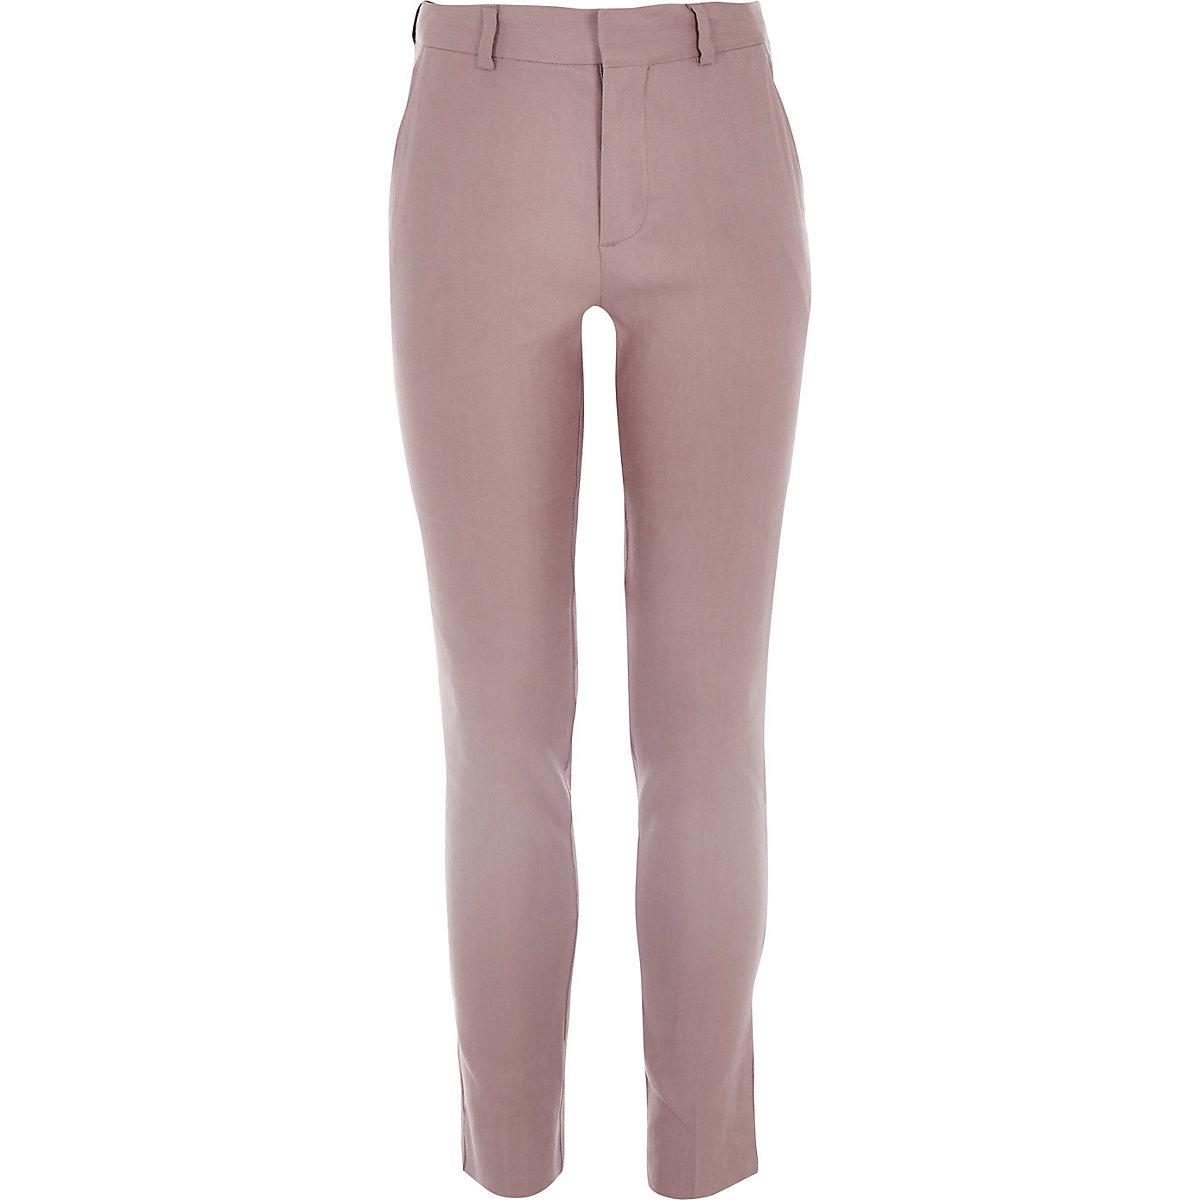 Boys pink linen suit pants